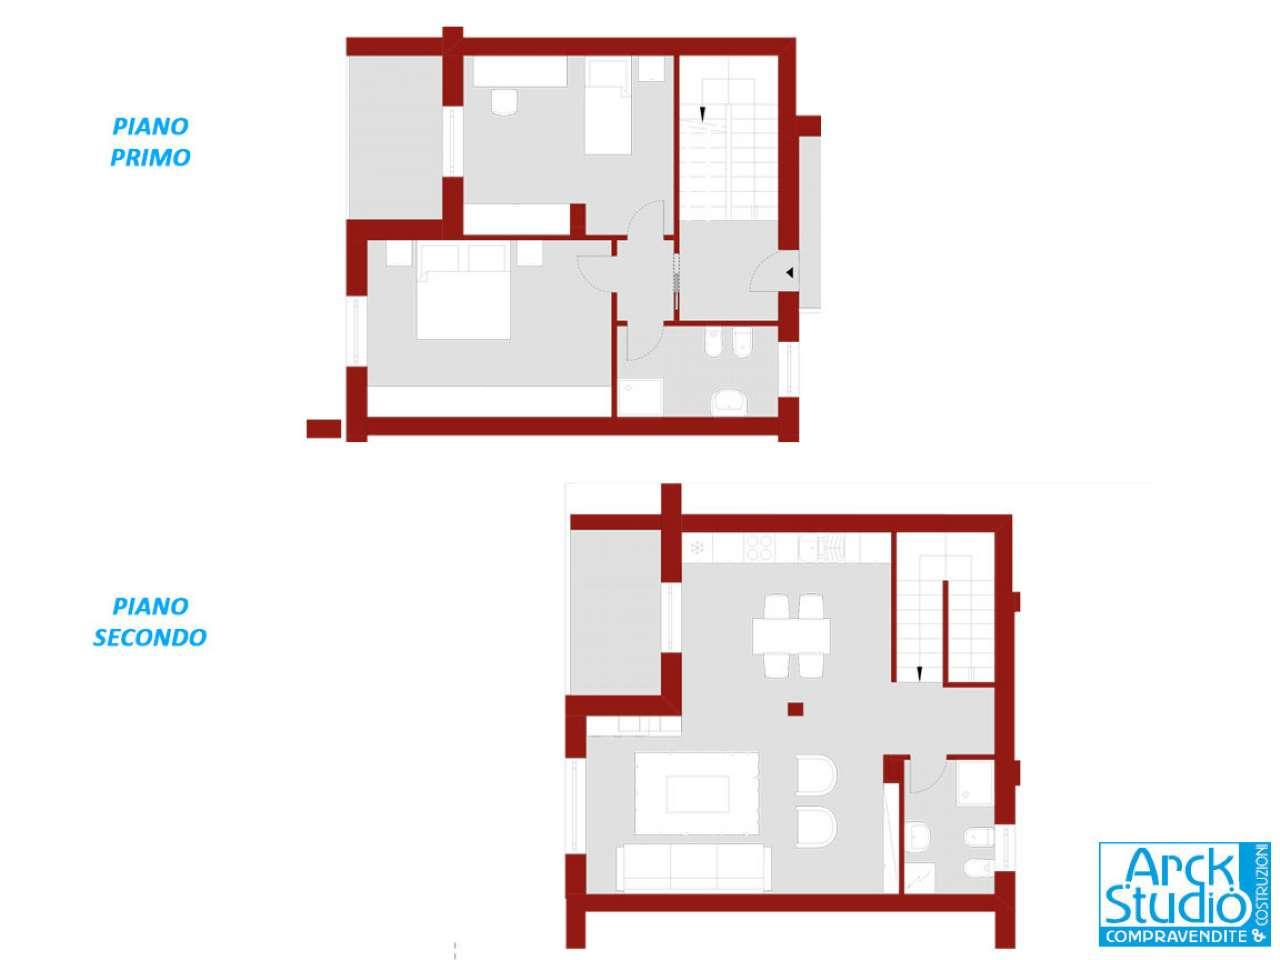 Appartamento in vendita a Casirate d'Adda, 3 locali, prezzo € 205.000 | CambioCasa.it